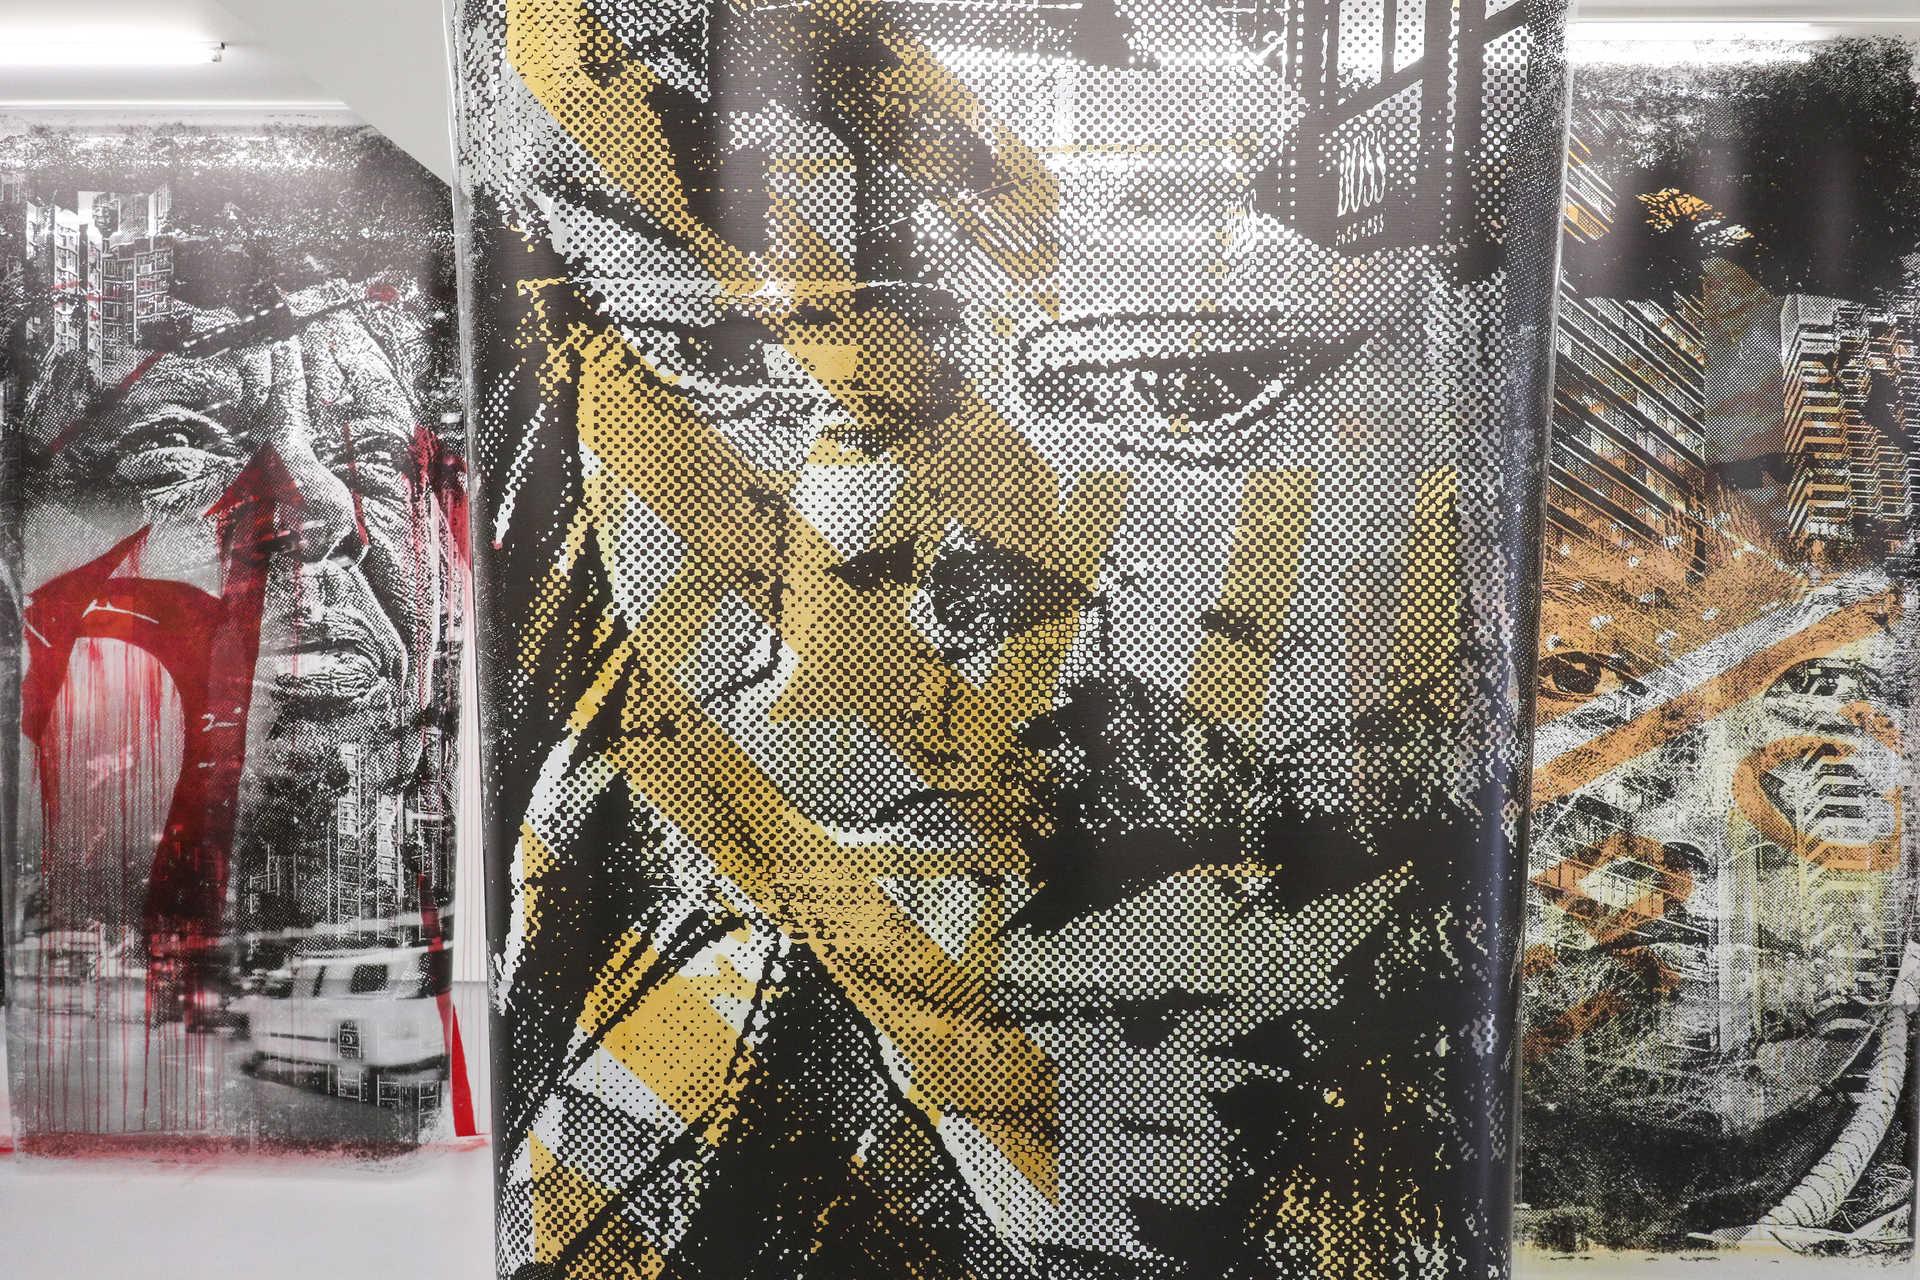 Exposição de Vhils na galeria Vera Cortês